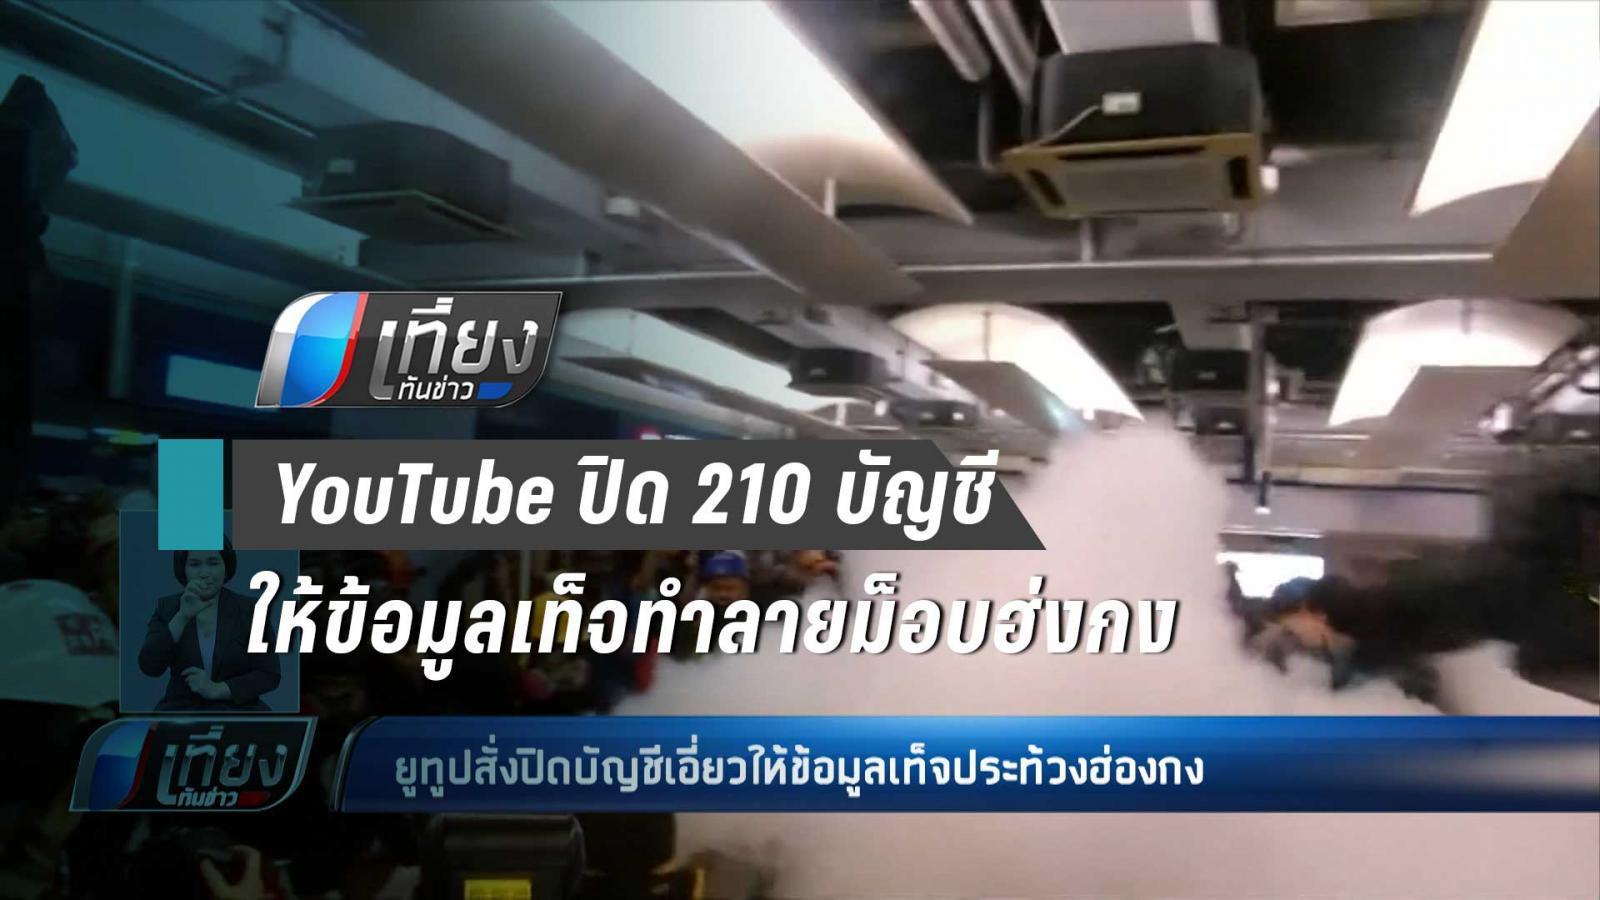 YouTube สั่งปิด 210 บัญชี ให้ข้อมูลเท็จหวังทำลายการประท้วงฮ่องกง